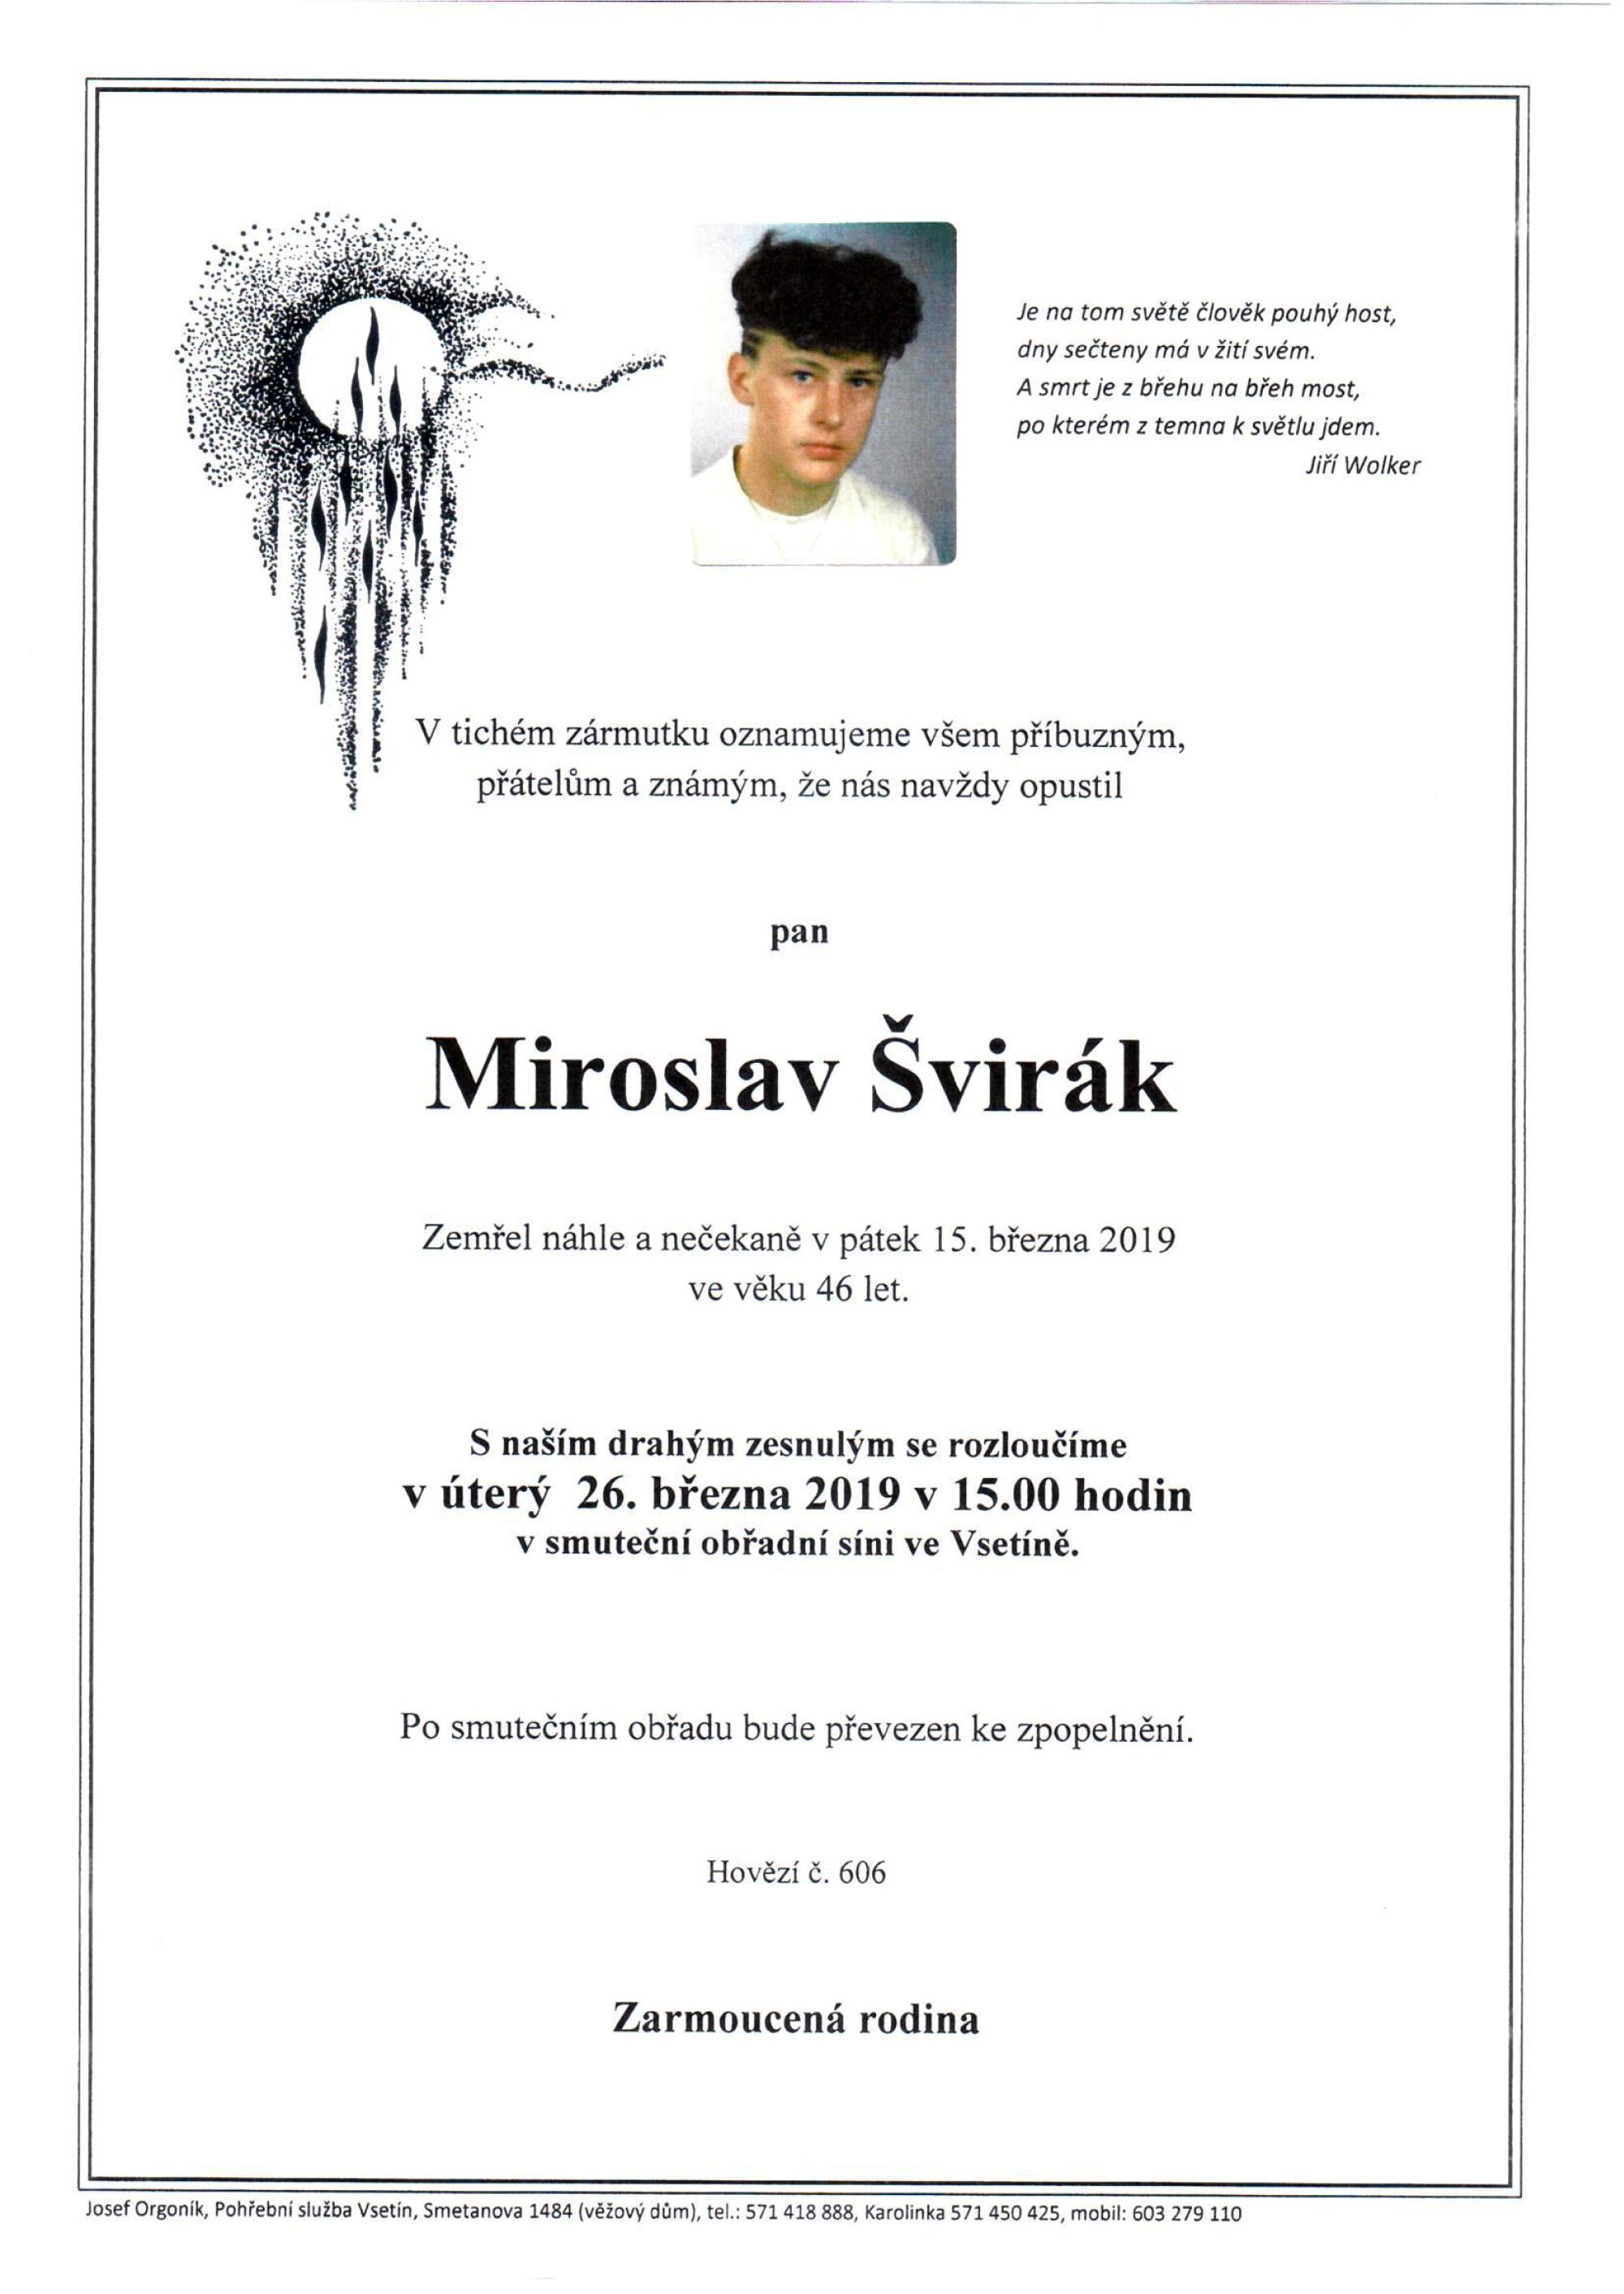 Miroslav Švirák